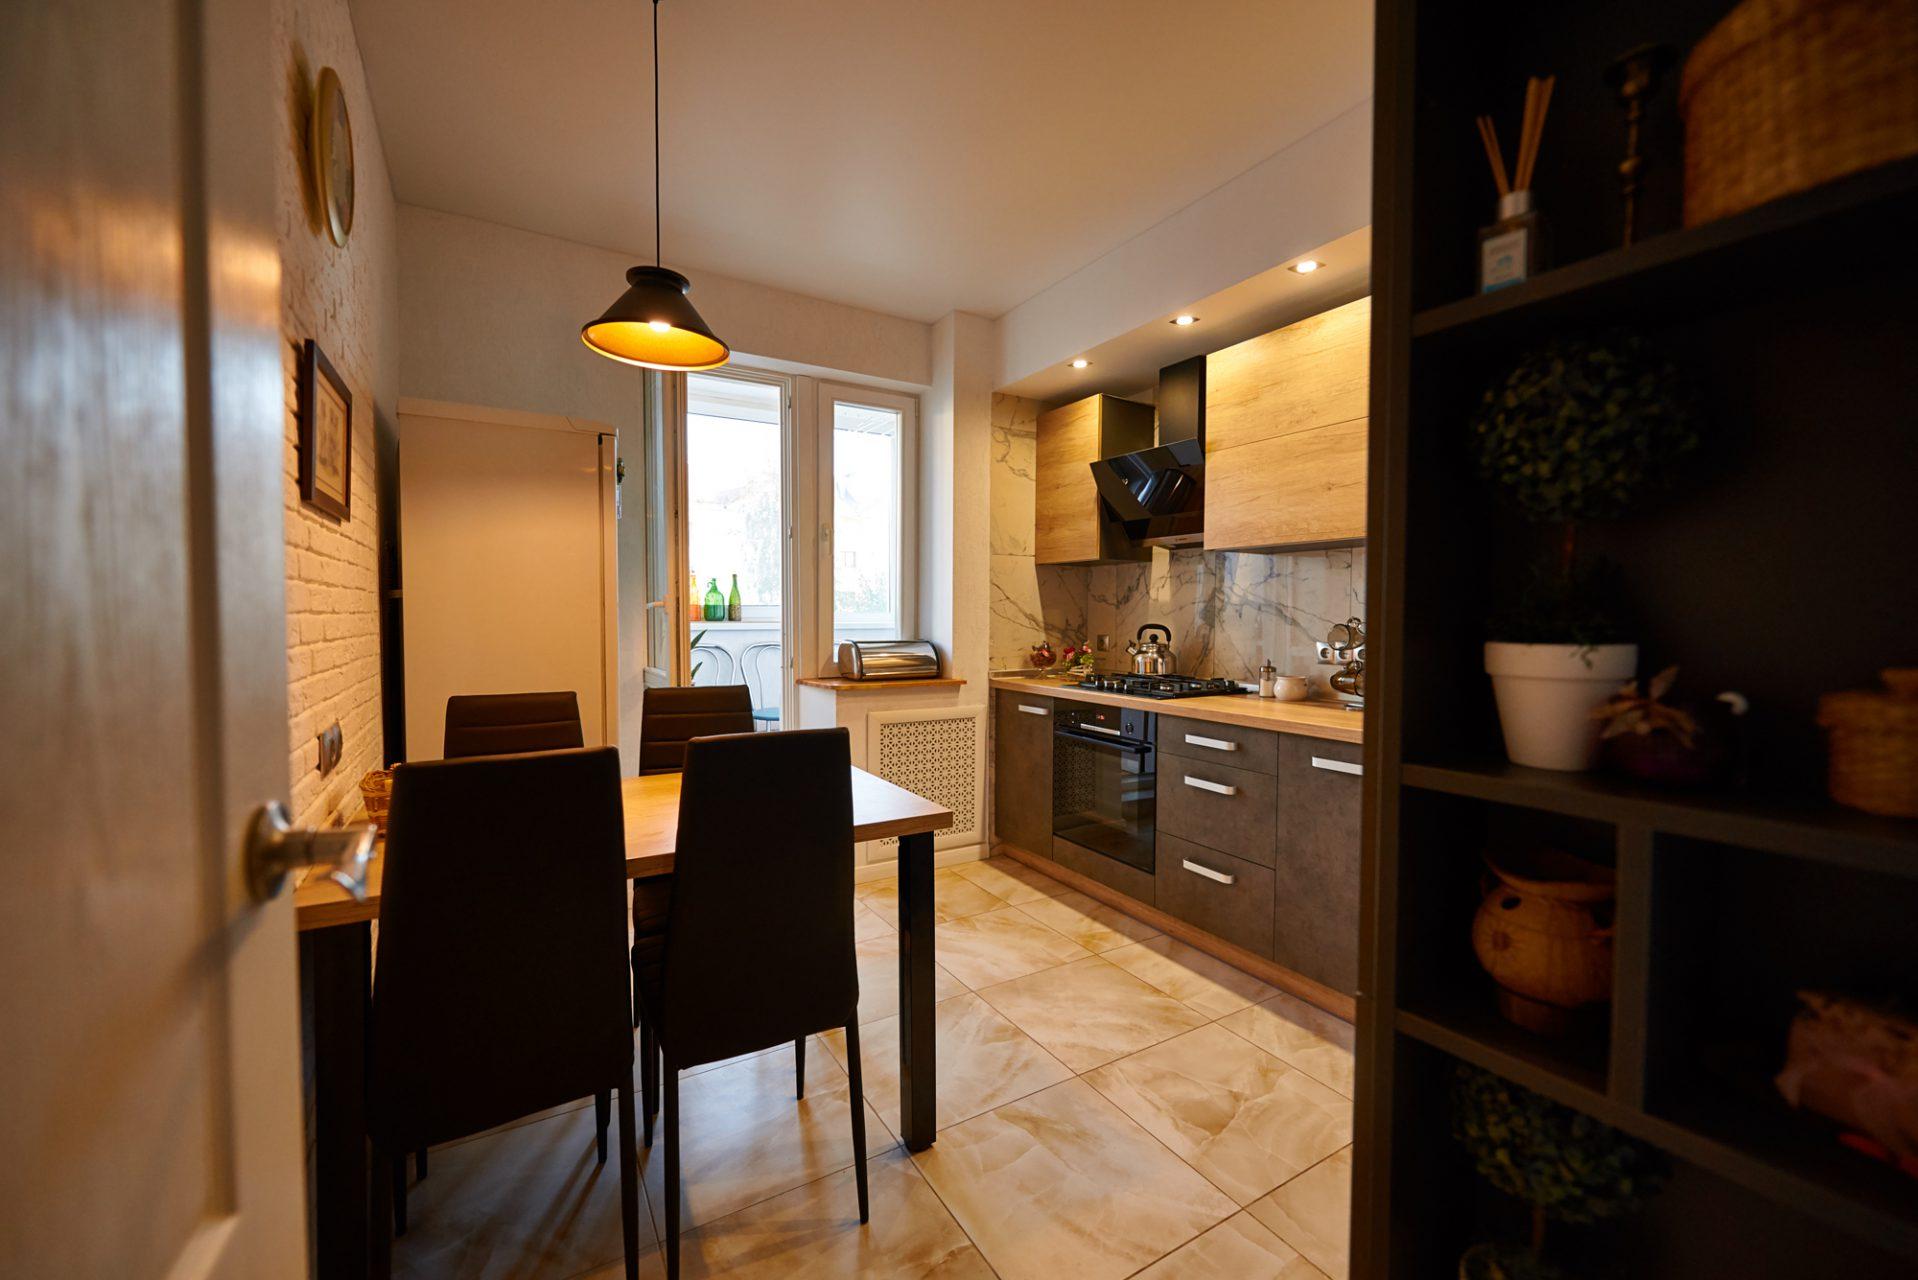 010_interior_kitchen2_korneychikeu